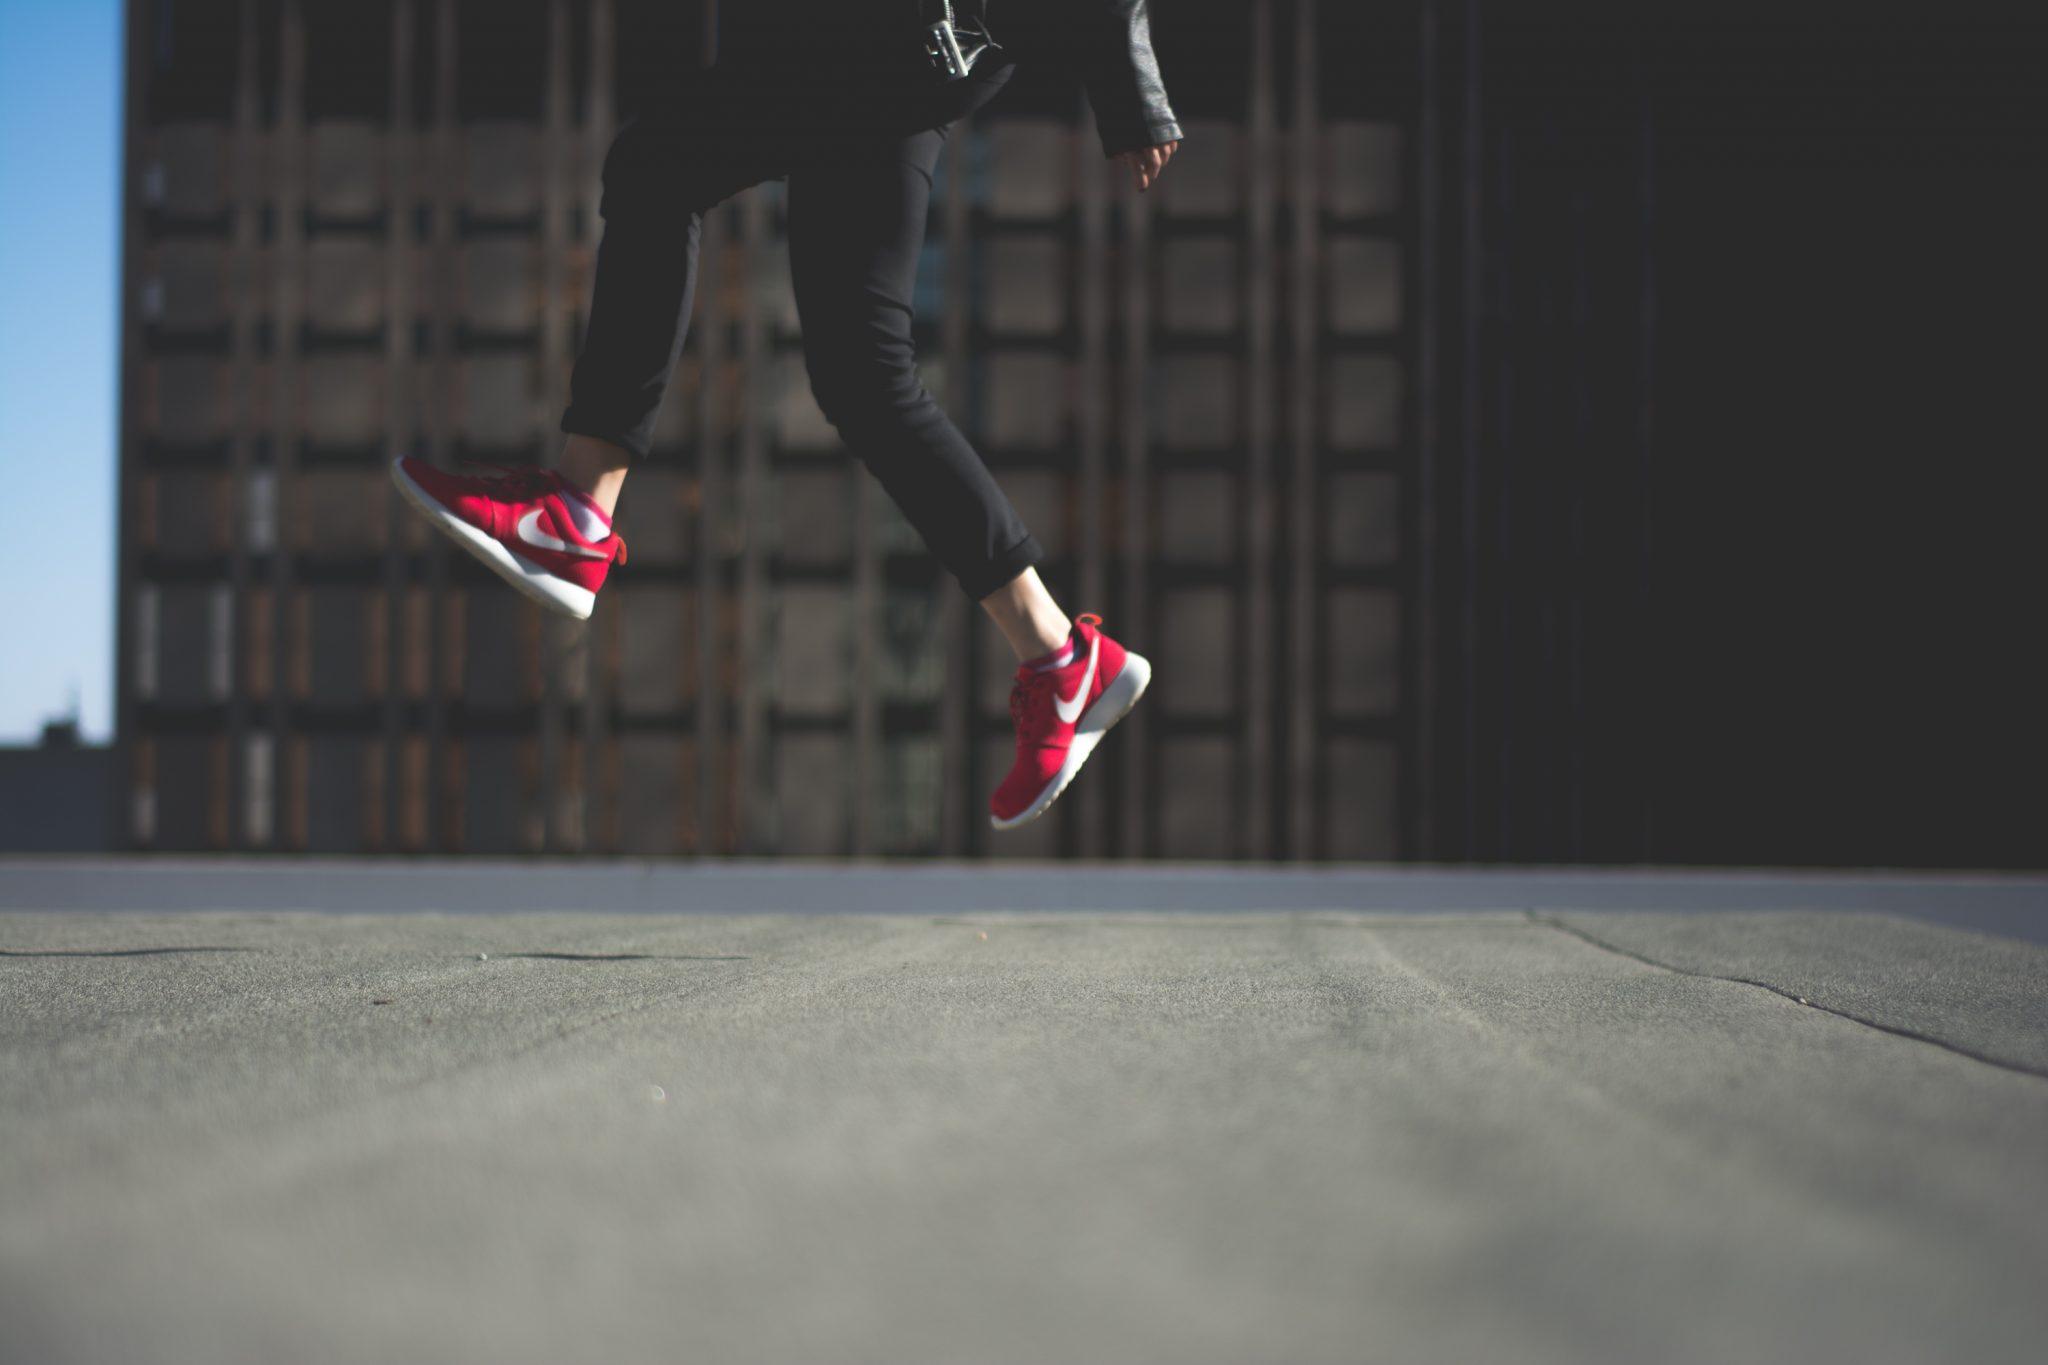 een vliegende start in je loopbaan